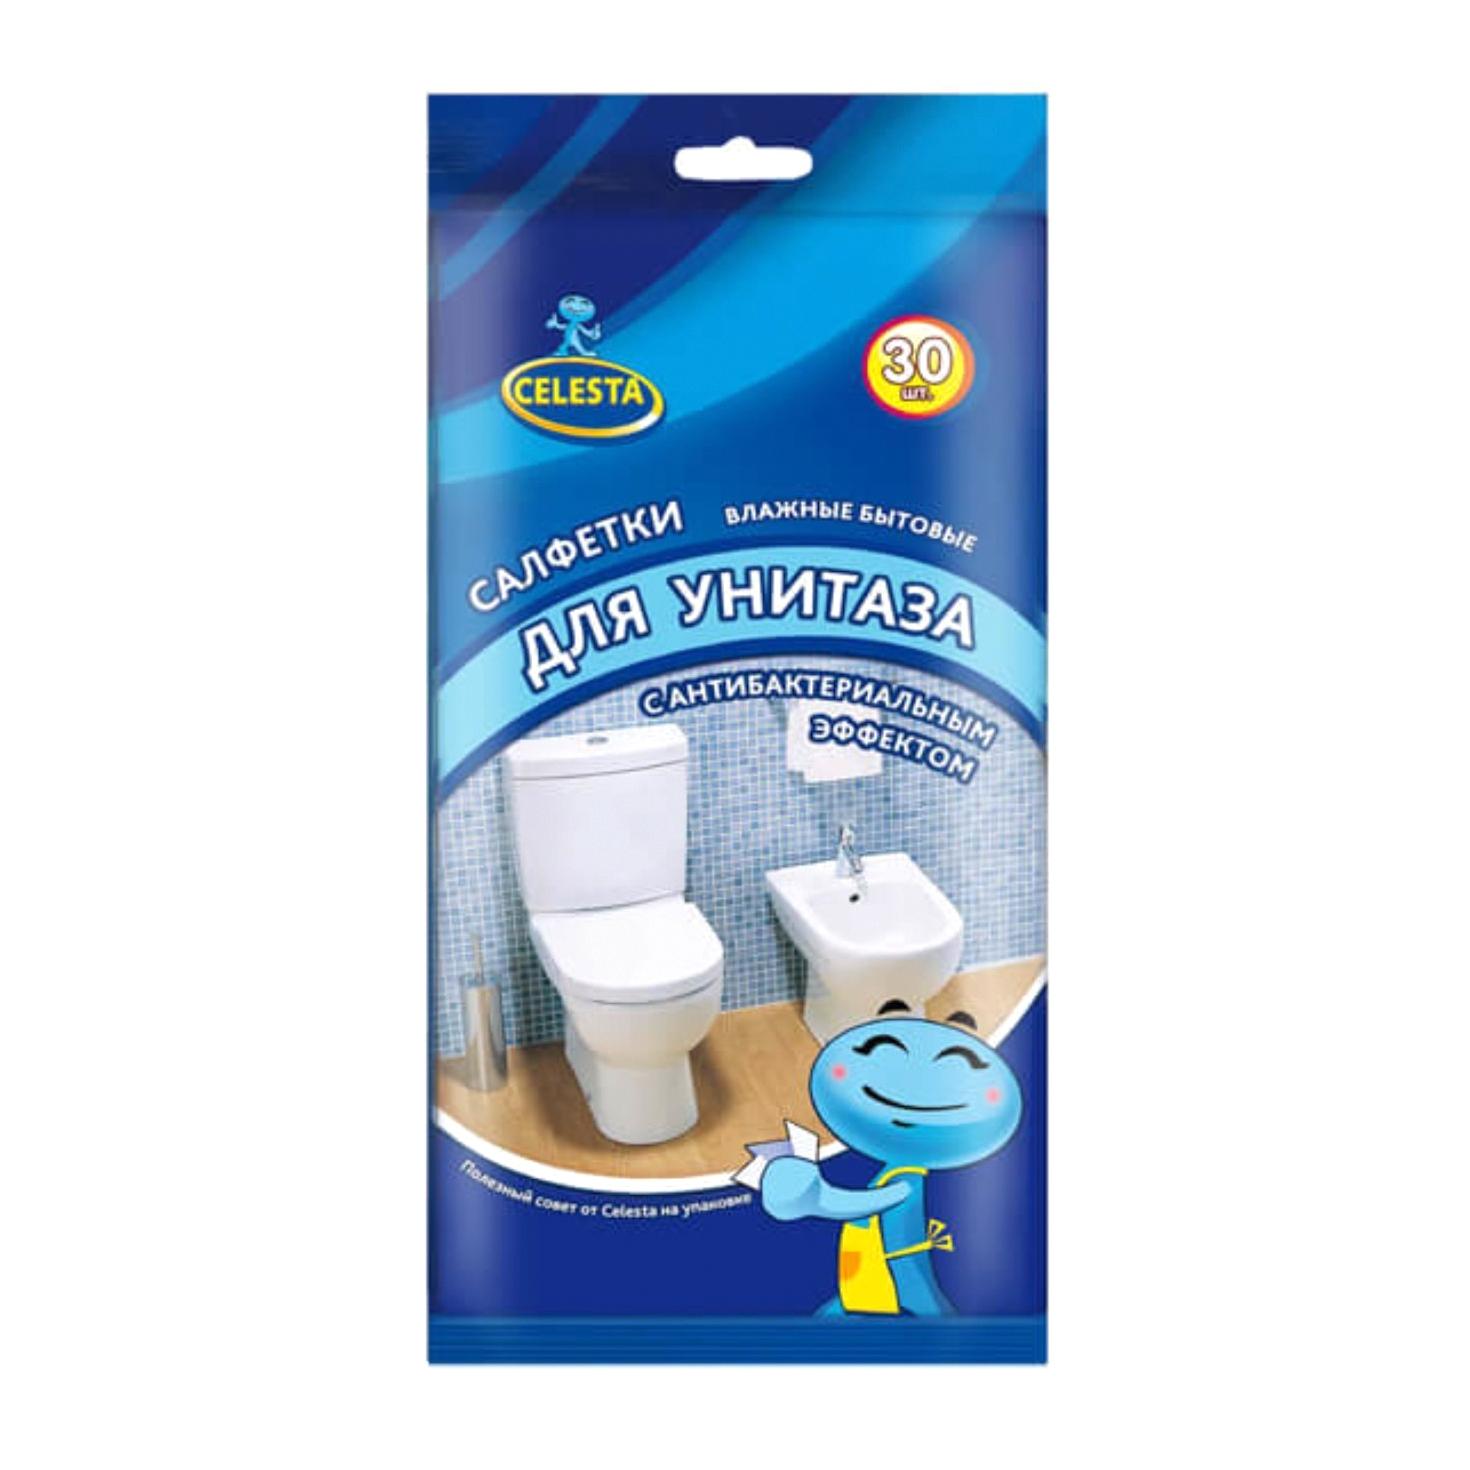 Фото - Влажные салфетки для унитаза Celesta с антибактериальным эффектом 30 шт влажные салфетки vestar для всей семьи с антибактериальным эффектом 70 шт